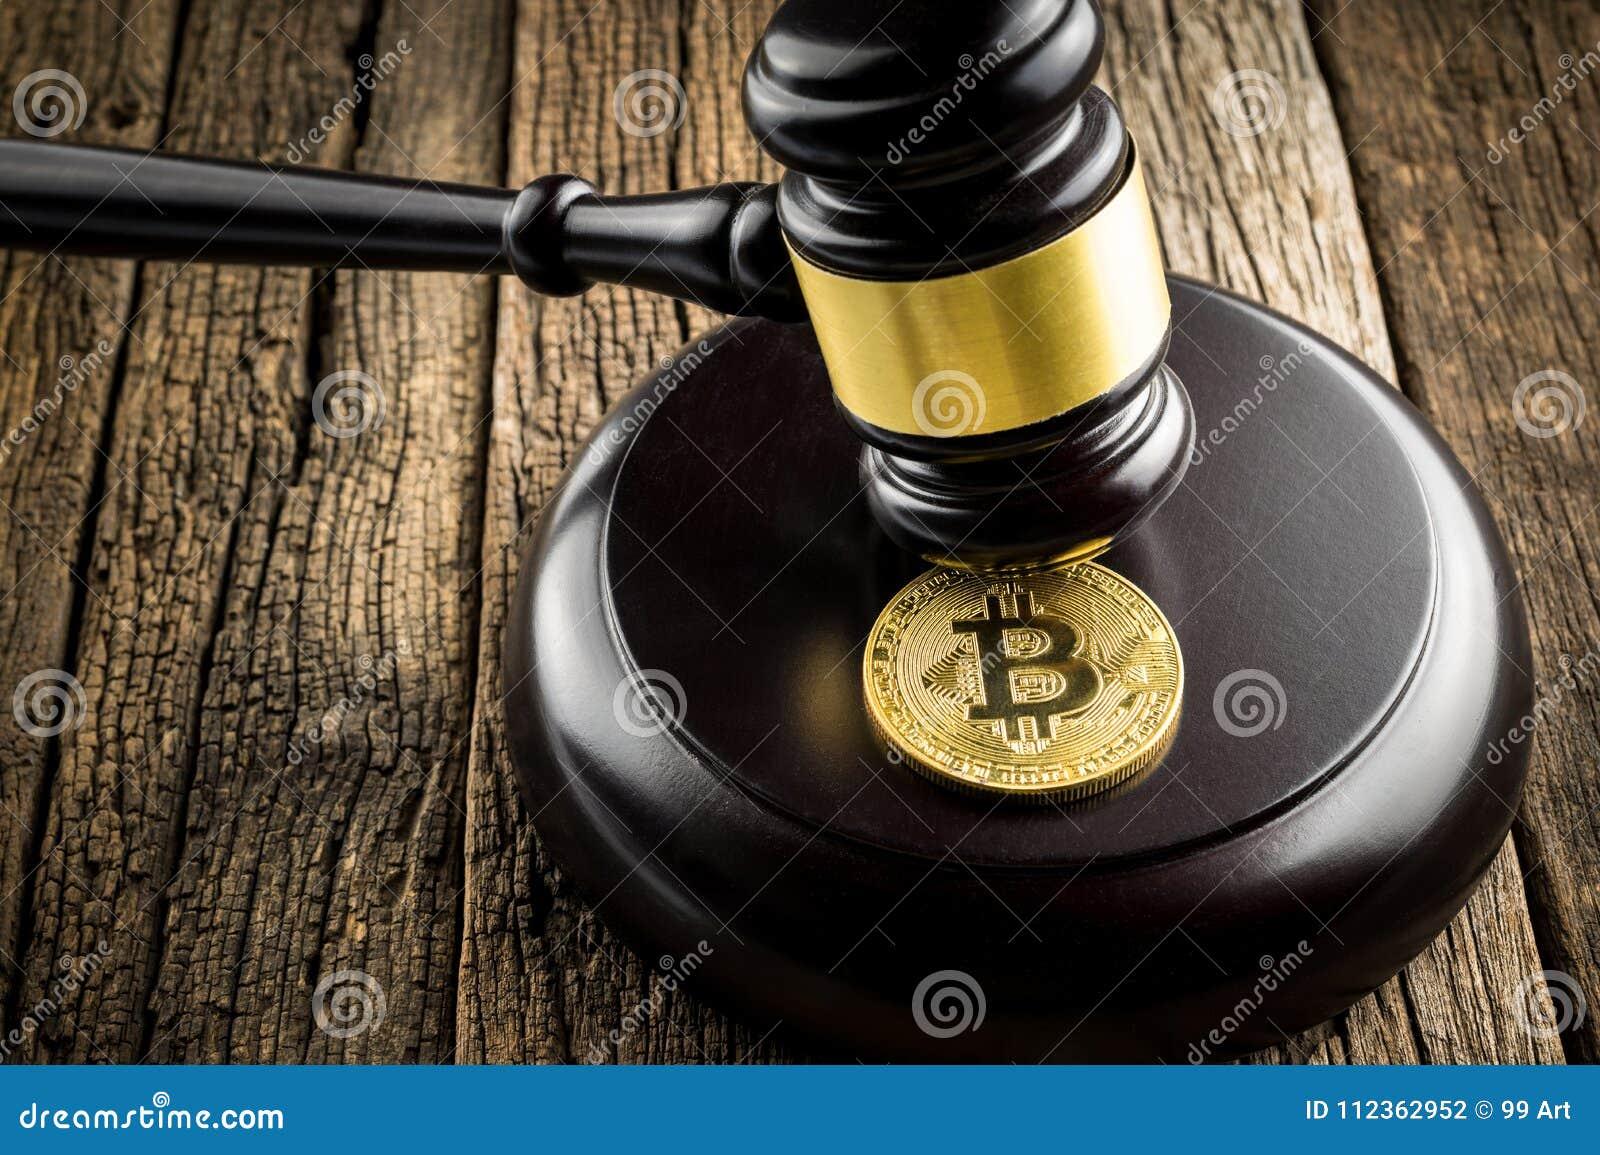 Goldene bitcoin Münze mit Richter Wood Hammer Law beurteilt Hintergrund